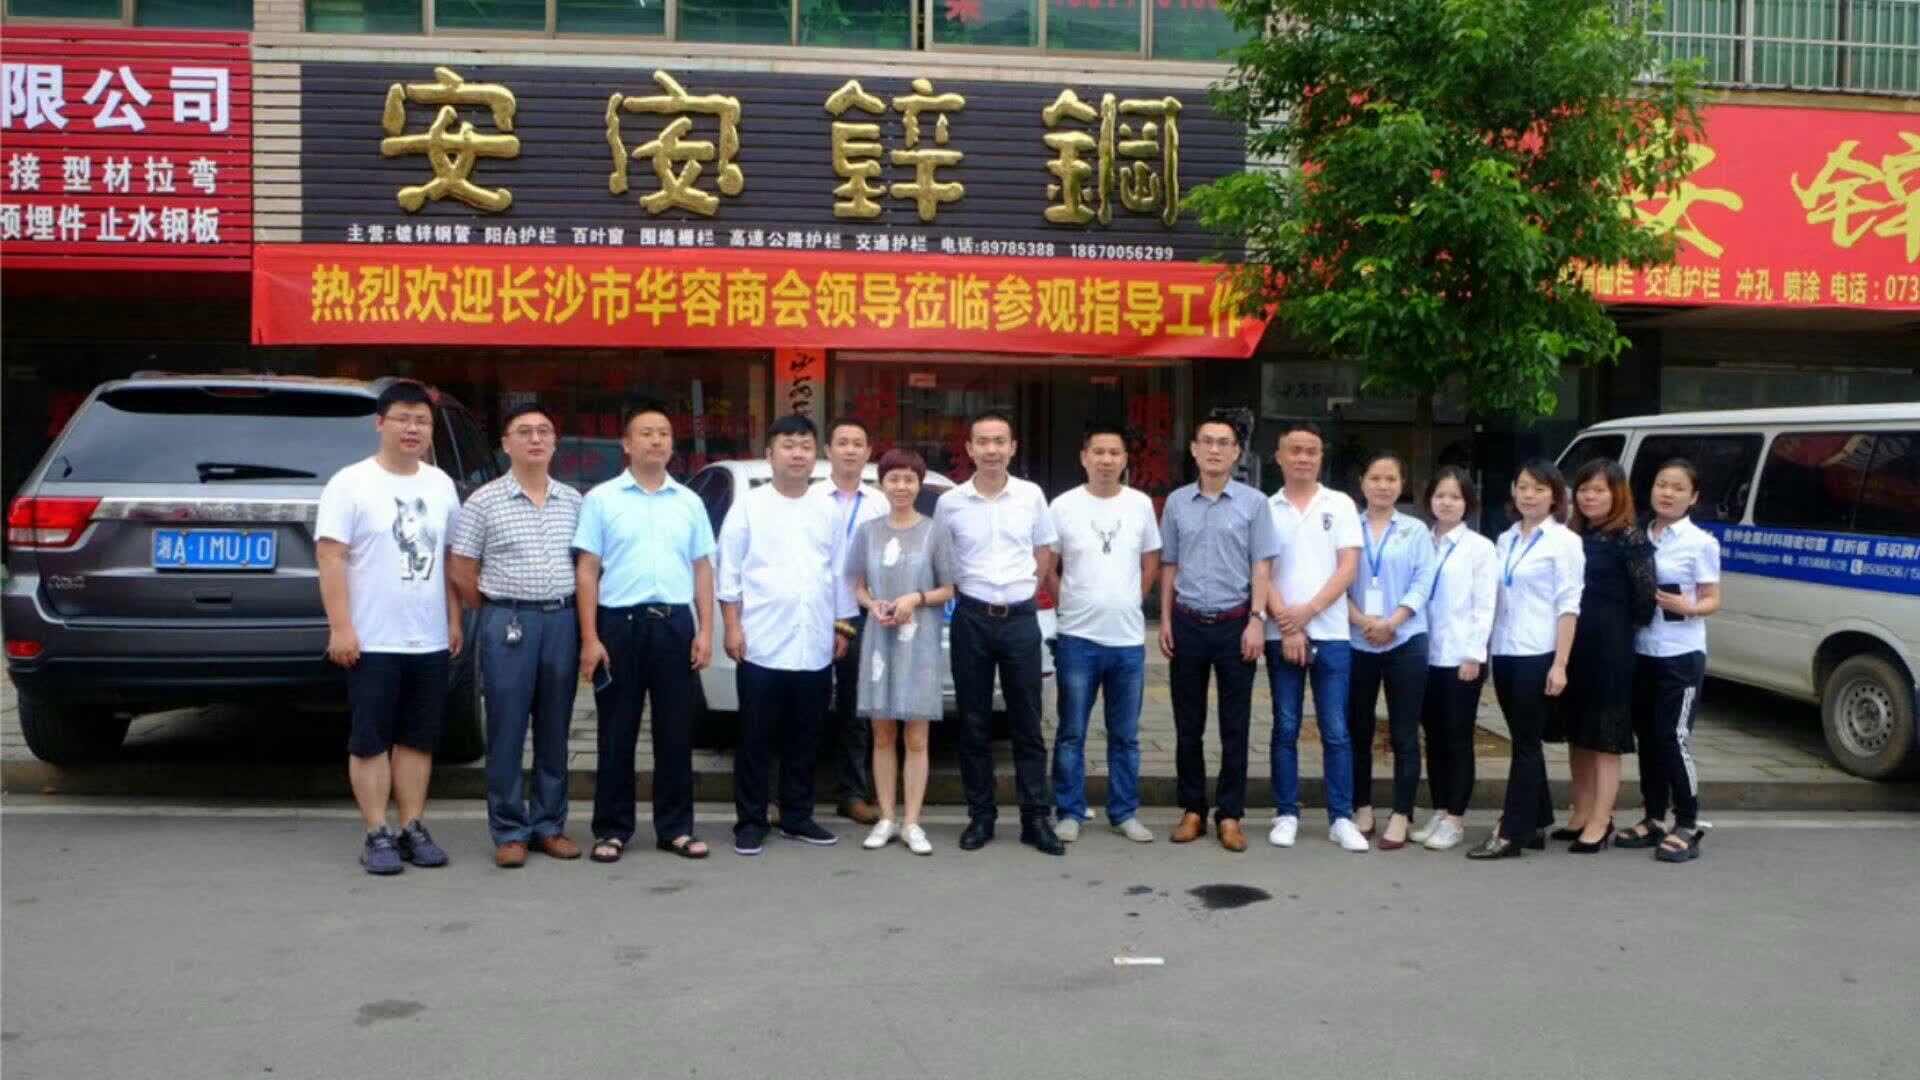 长沙市华容商会企业走访-安安锌钢